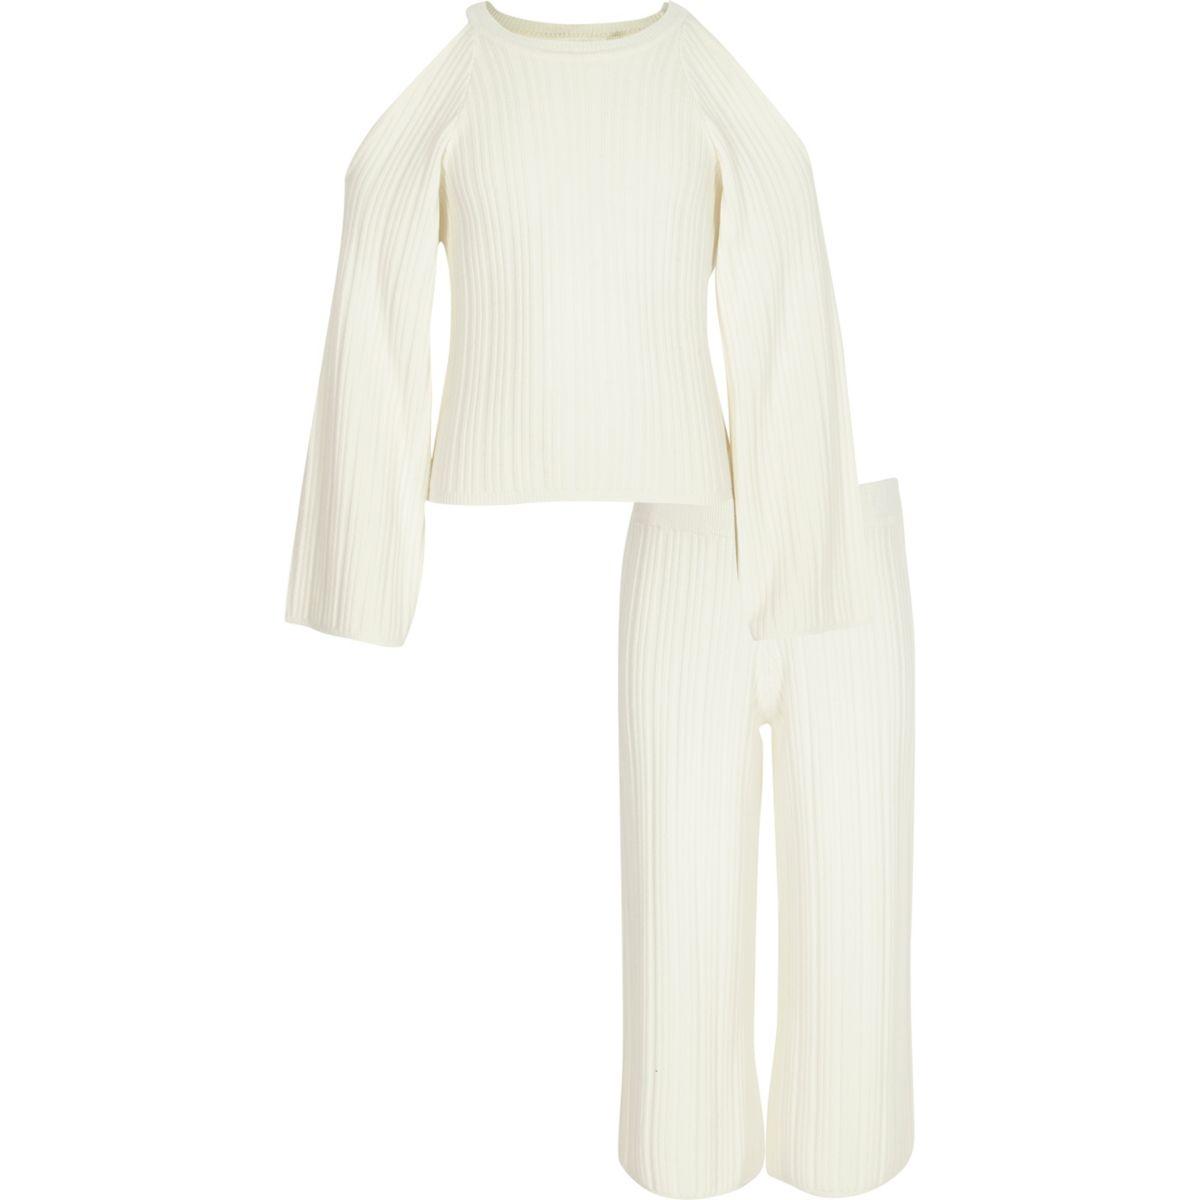 Outfit mit Strickpullover in Creme und Hosenrock